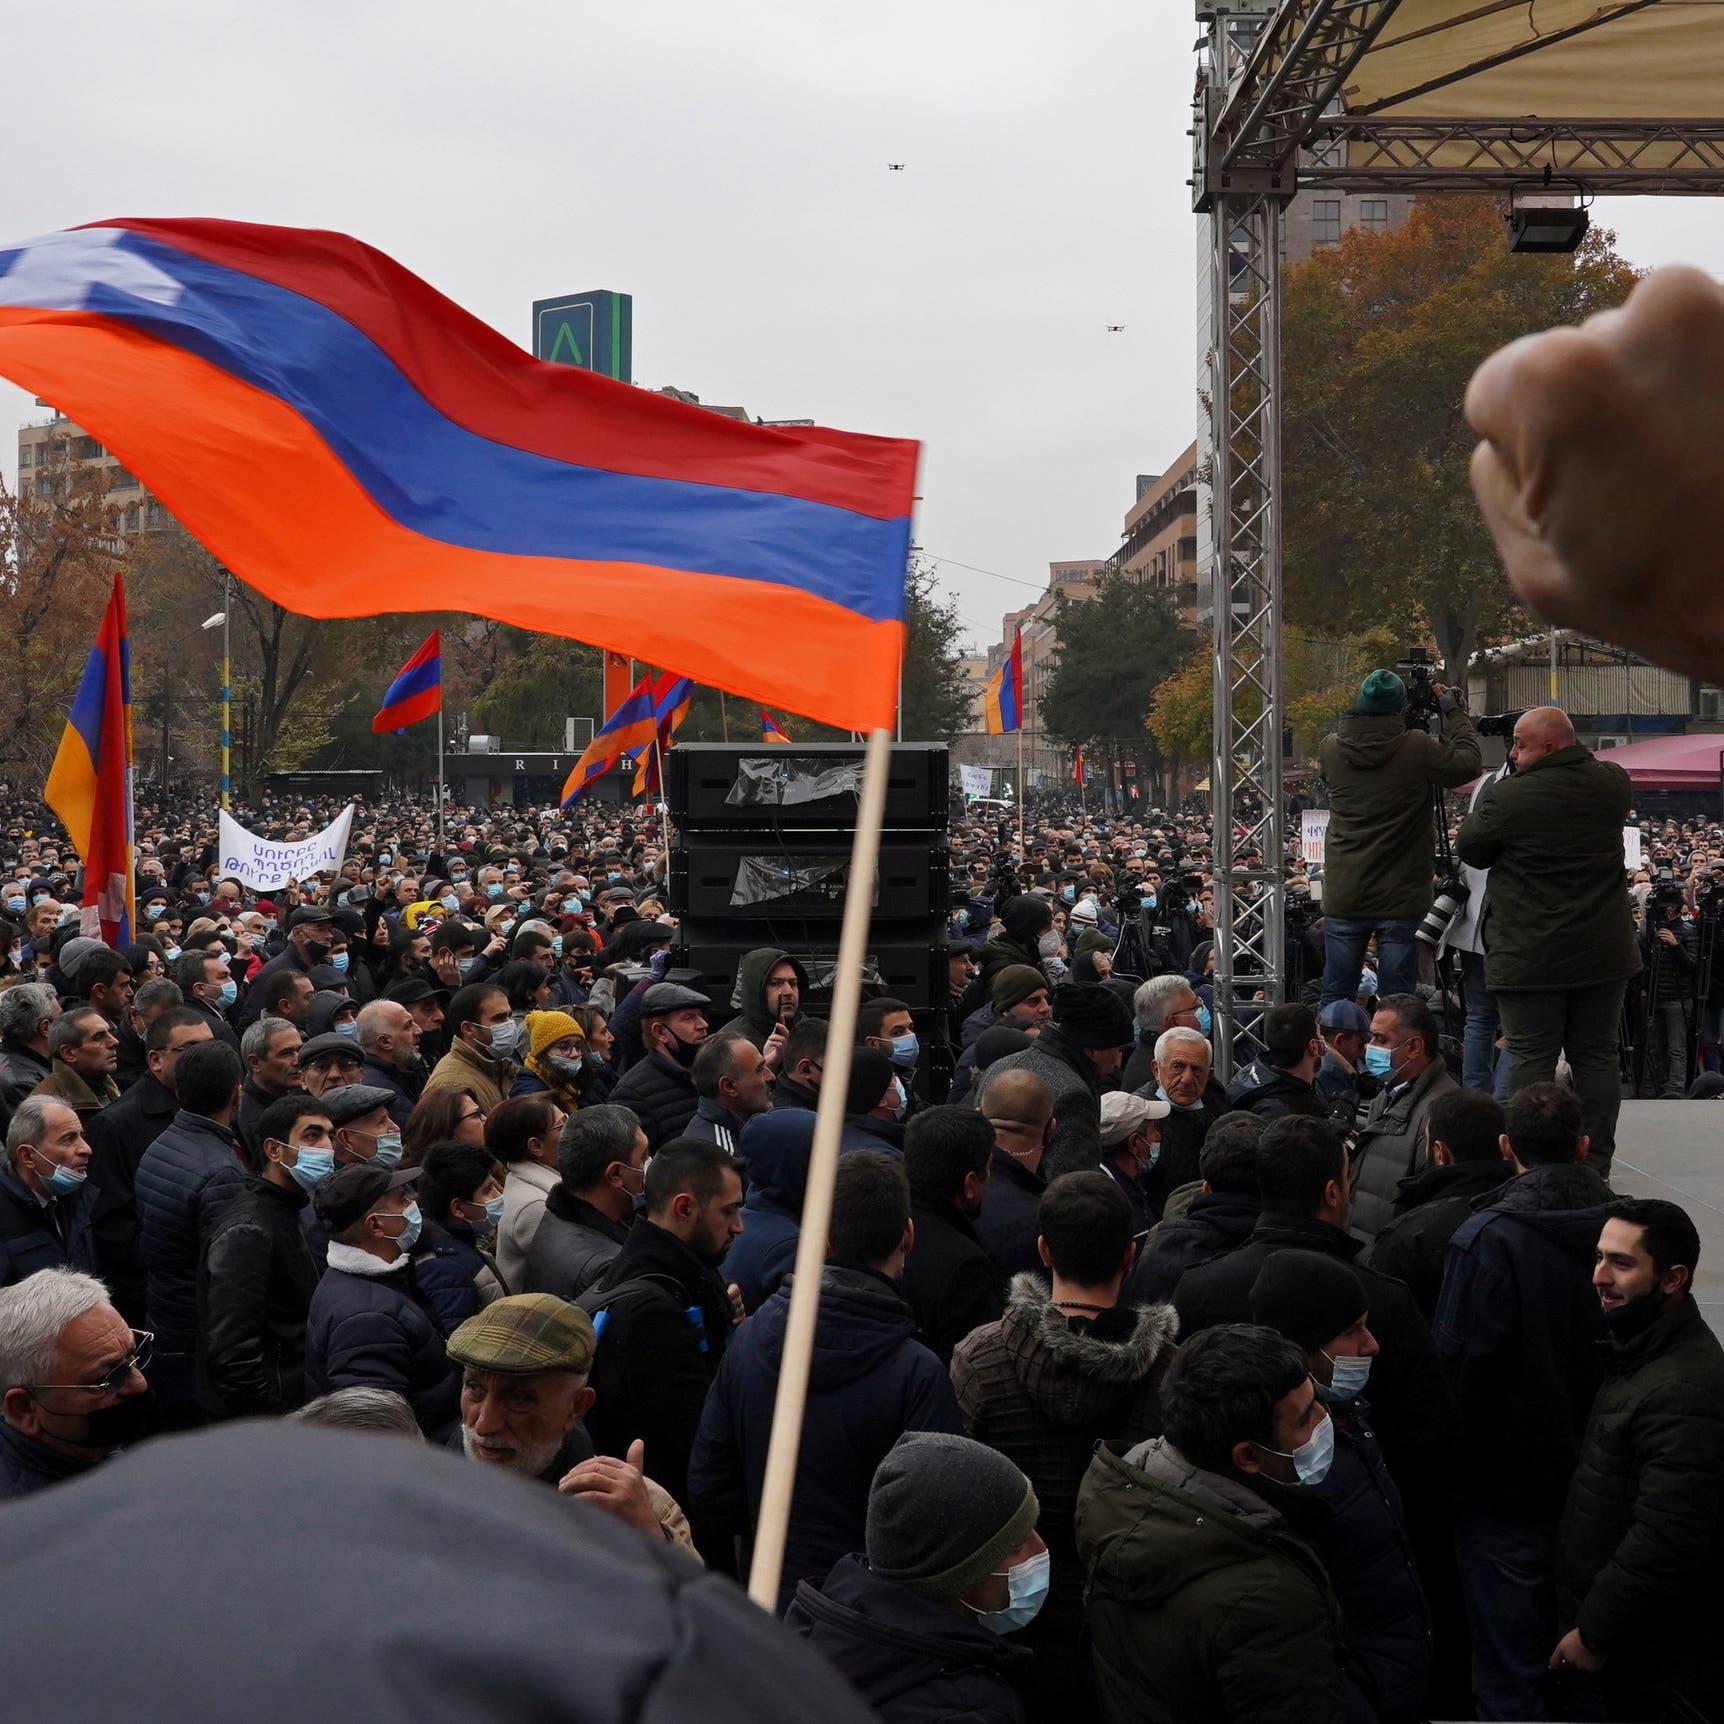 المعارضة تمهل رئيس وزراء أرمينيا حتى الثلاثاء للتنحي